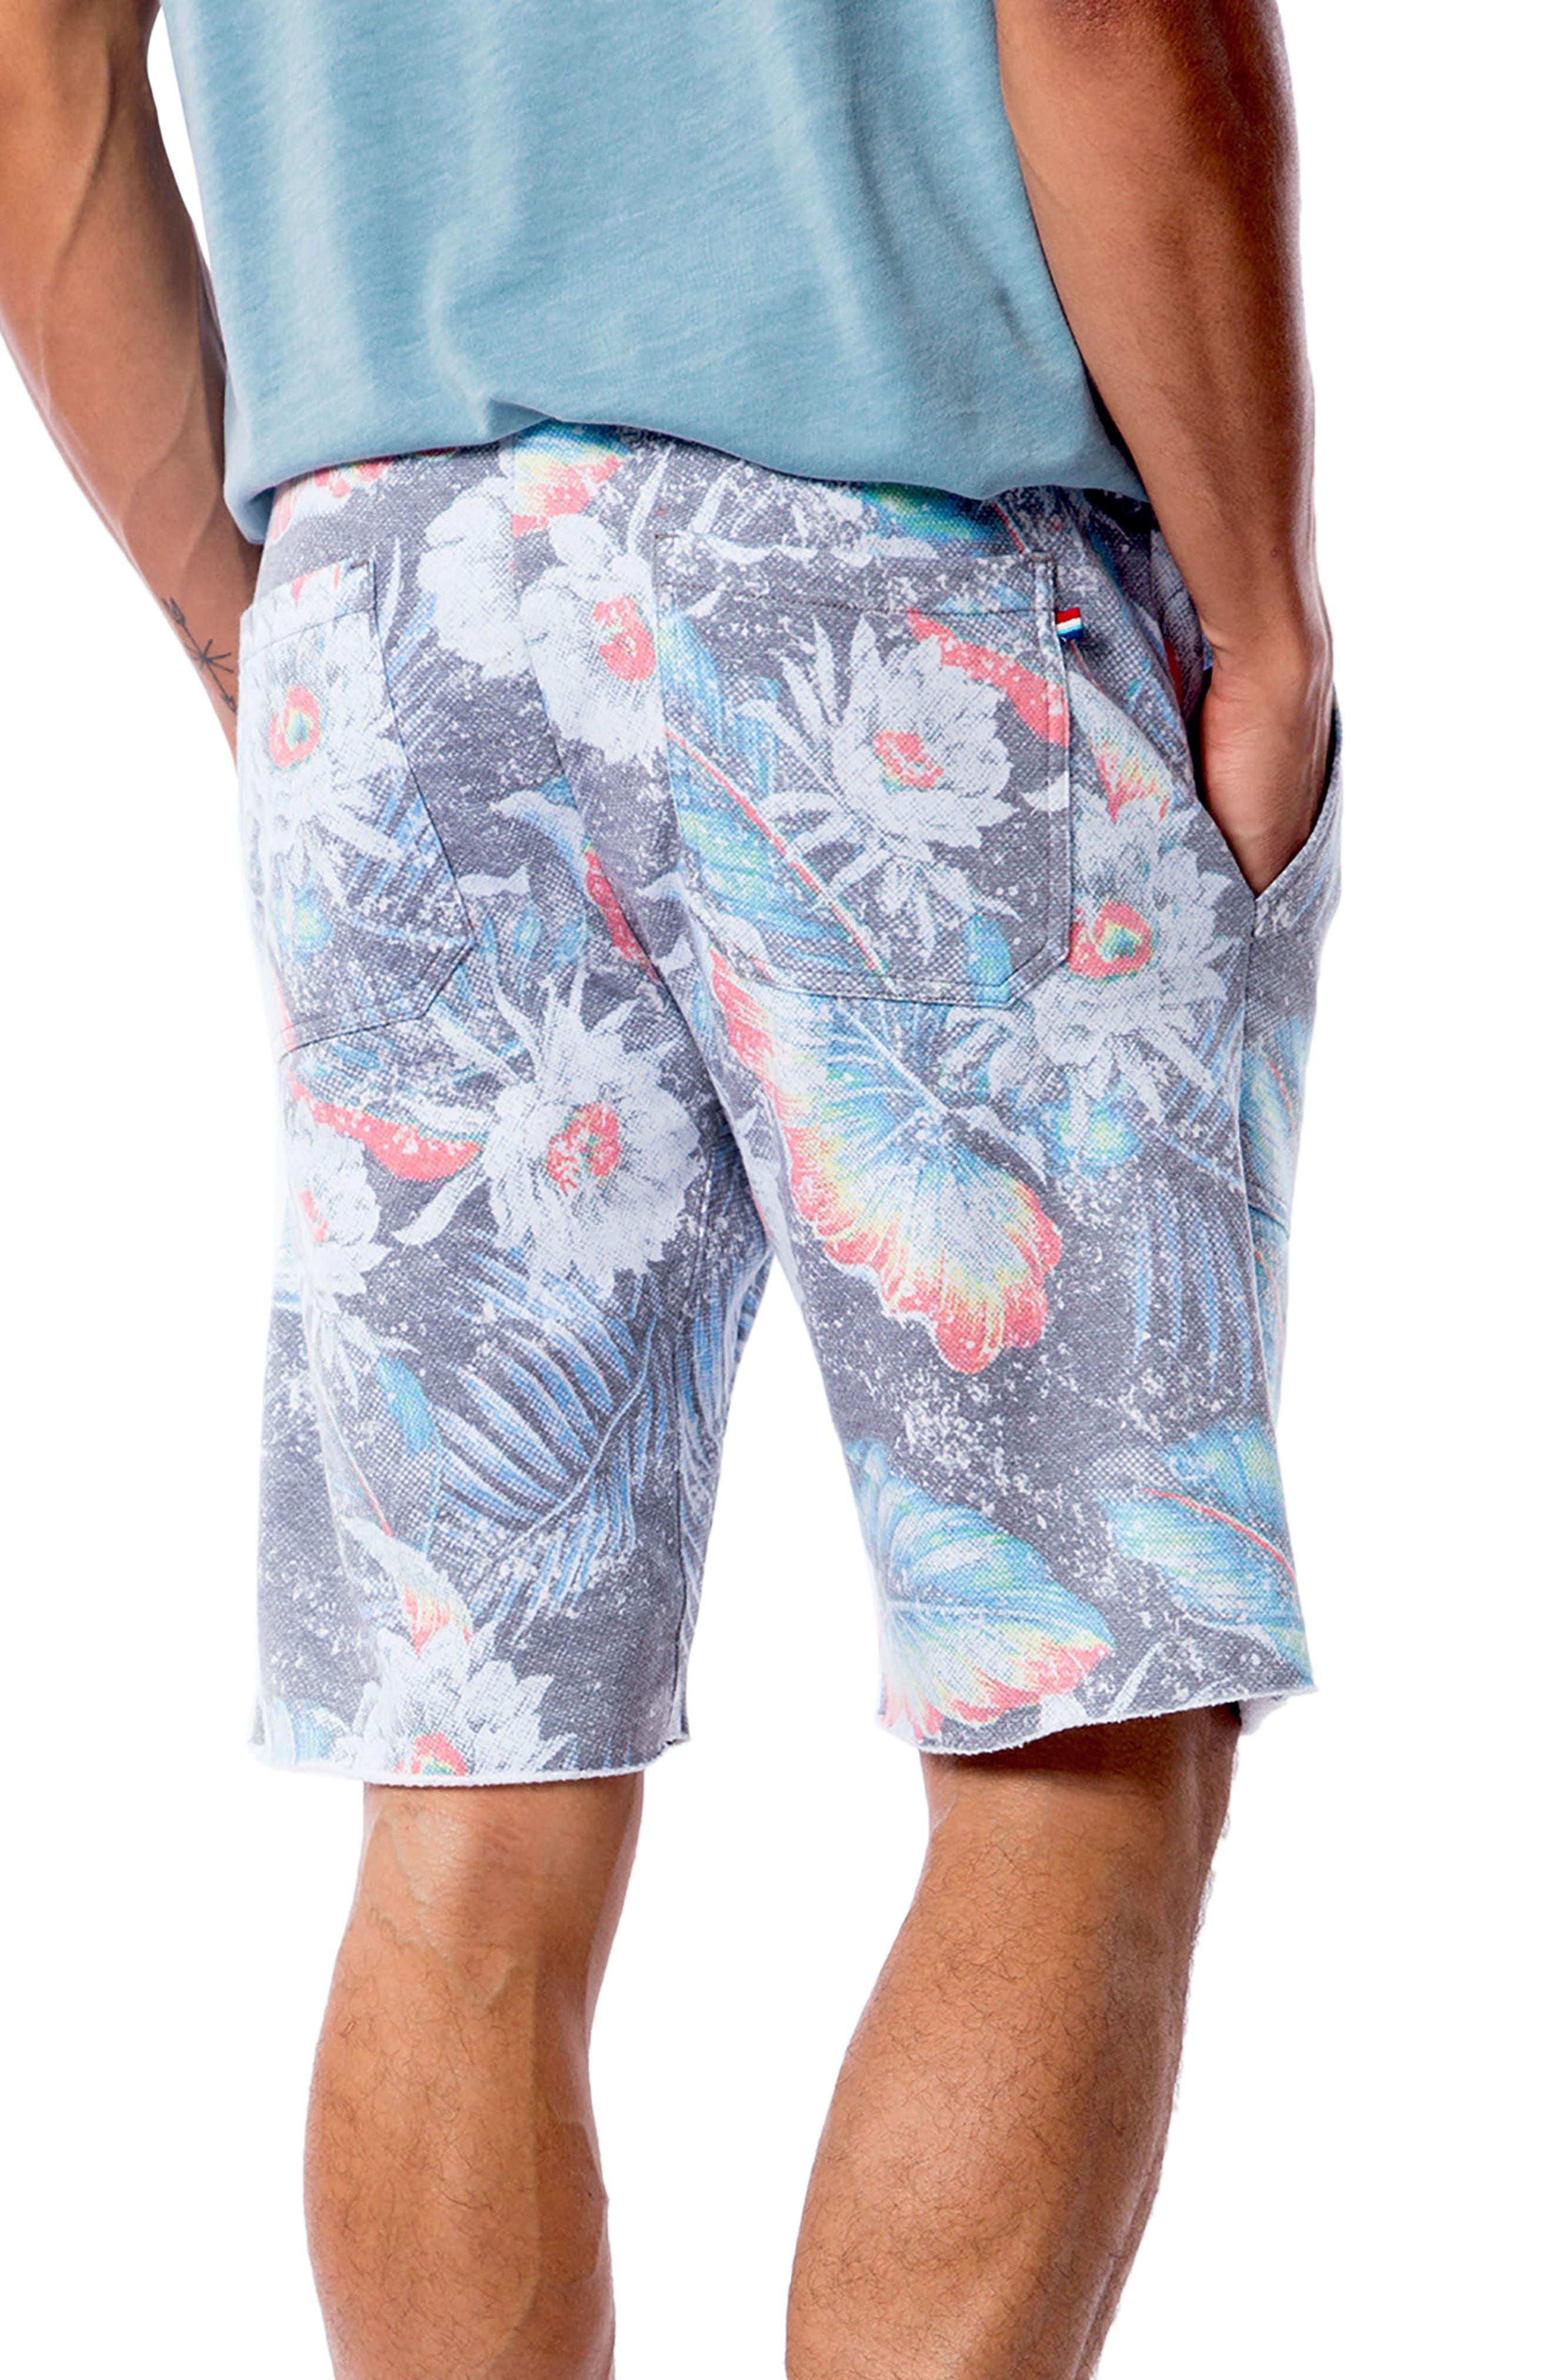 Aqua Flora Saddle Shorts,                             Alternate thumbnail 2, color,                             AQUA FLORA